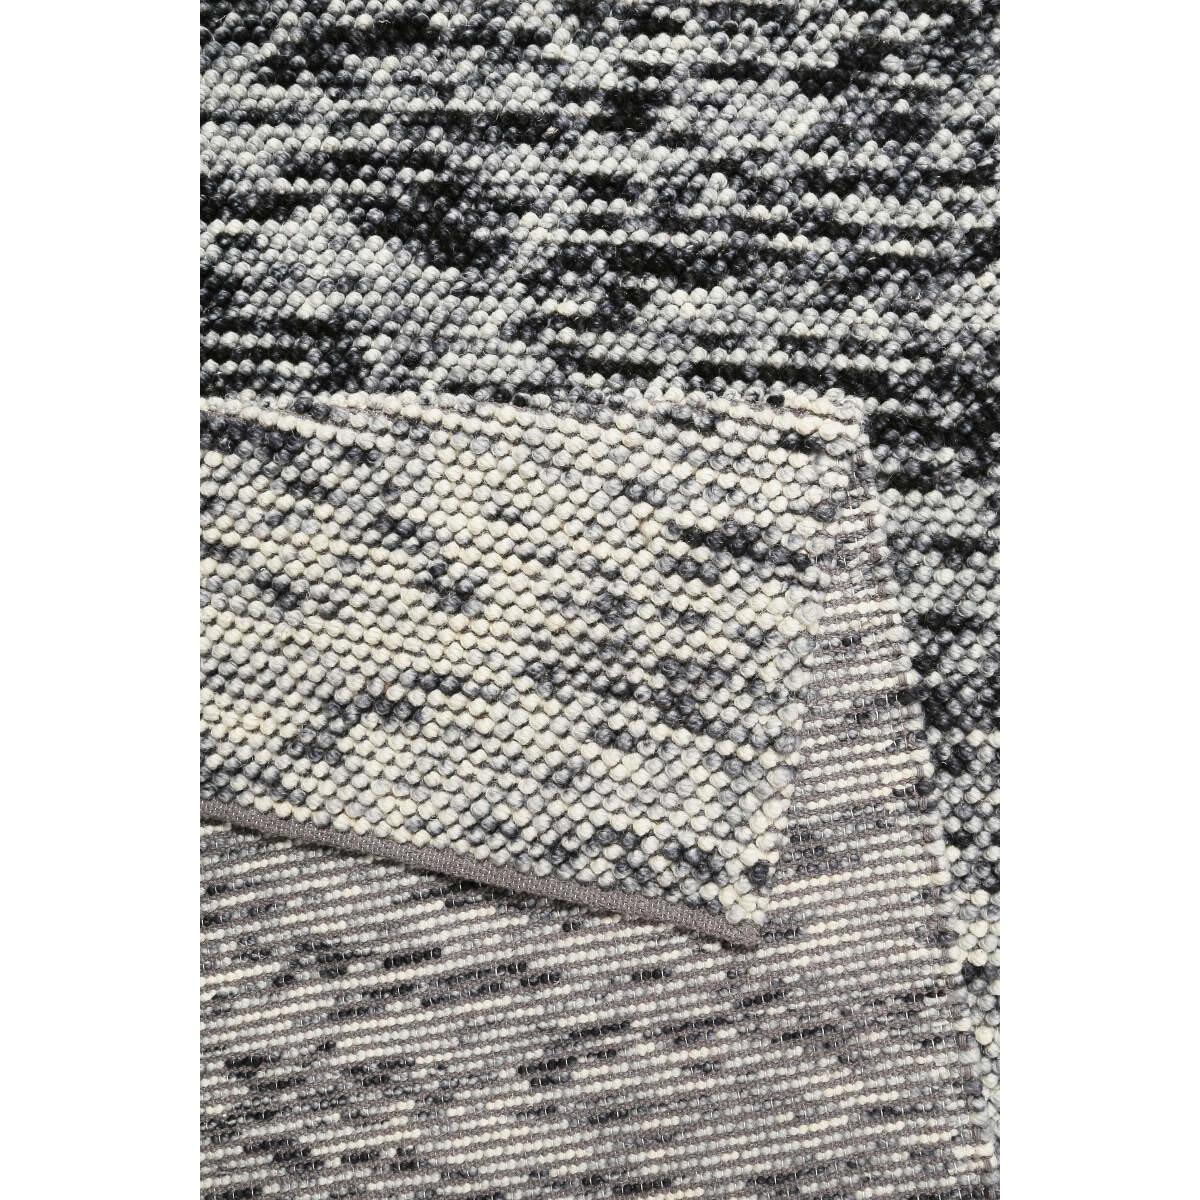 Szőnyeg Esprit C59 0919502, Gyapjú, 130x190 cm eMAG.hu